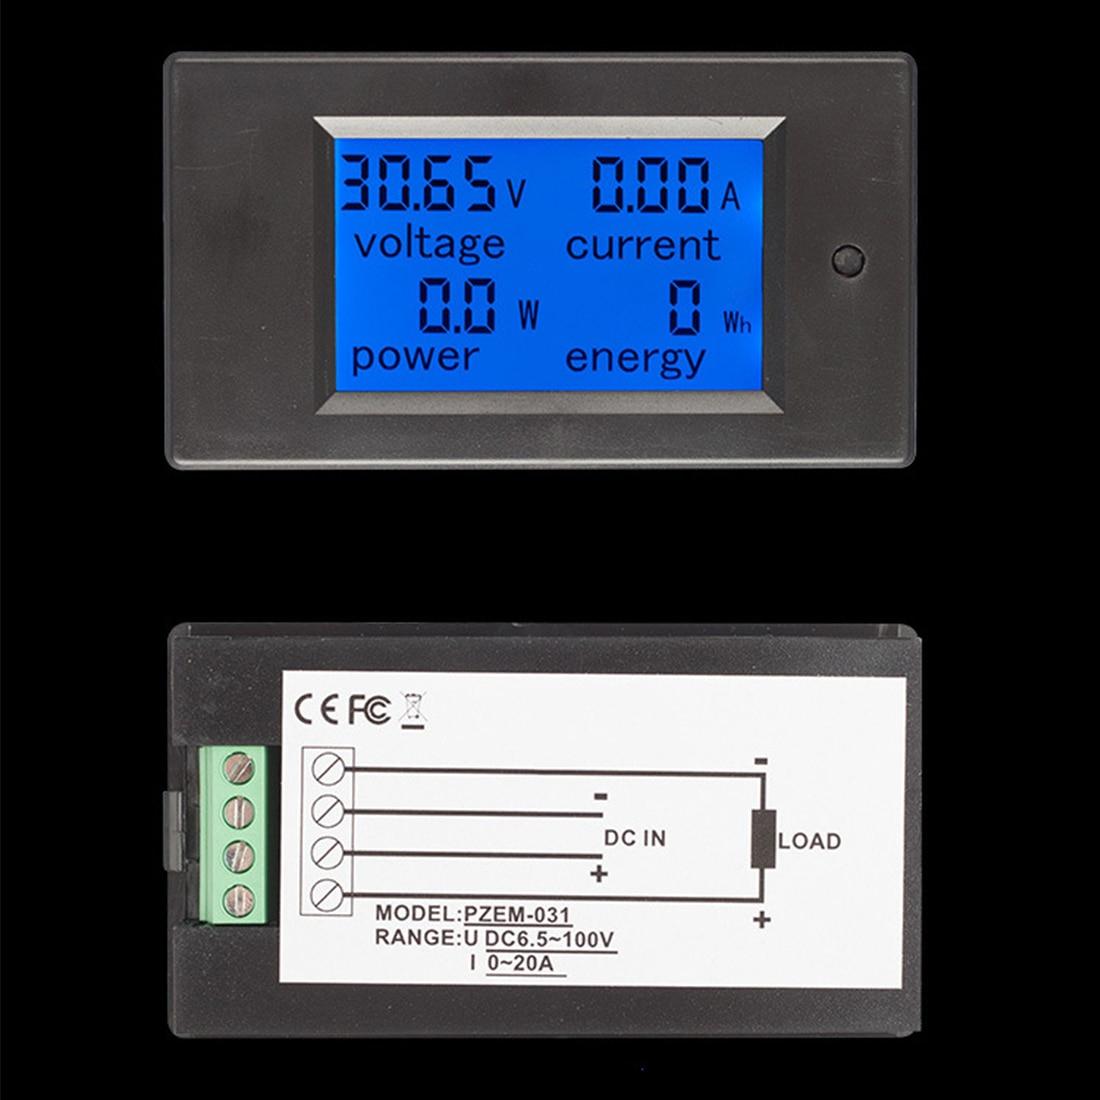 DC Digital DC 6.5-100V 0-20A LCD Display Digital Current Voltage Power Energy Meter Multimeter Ammeter Voltmete